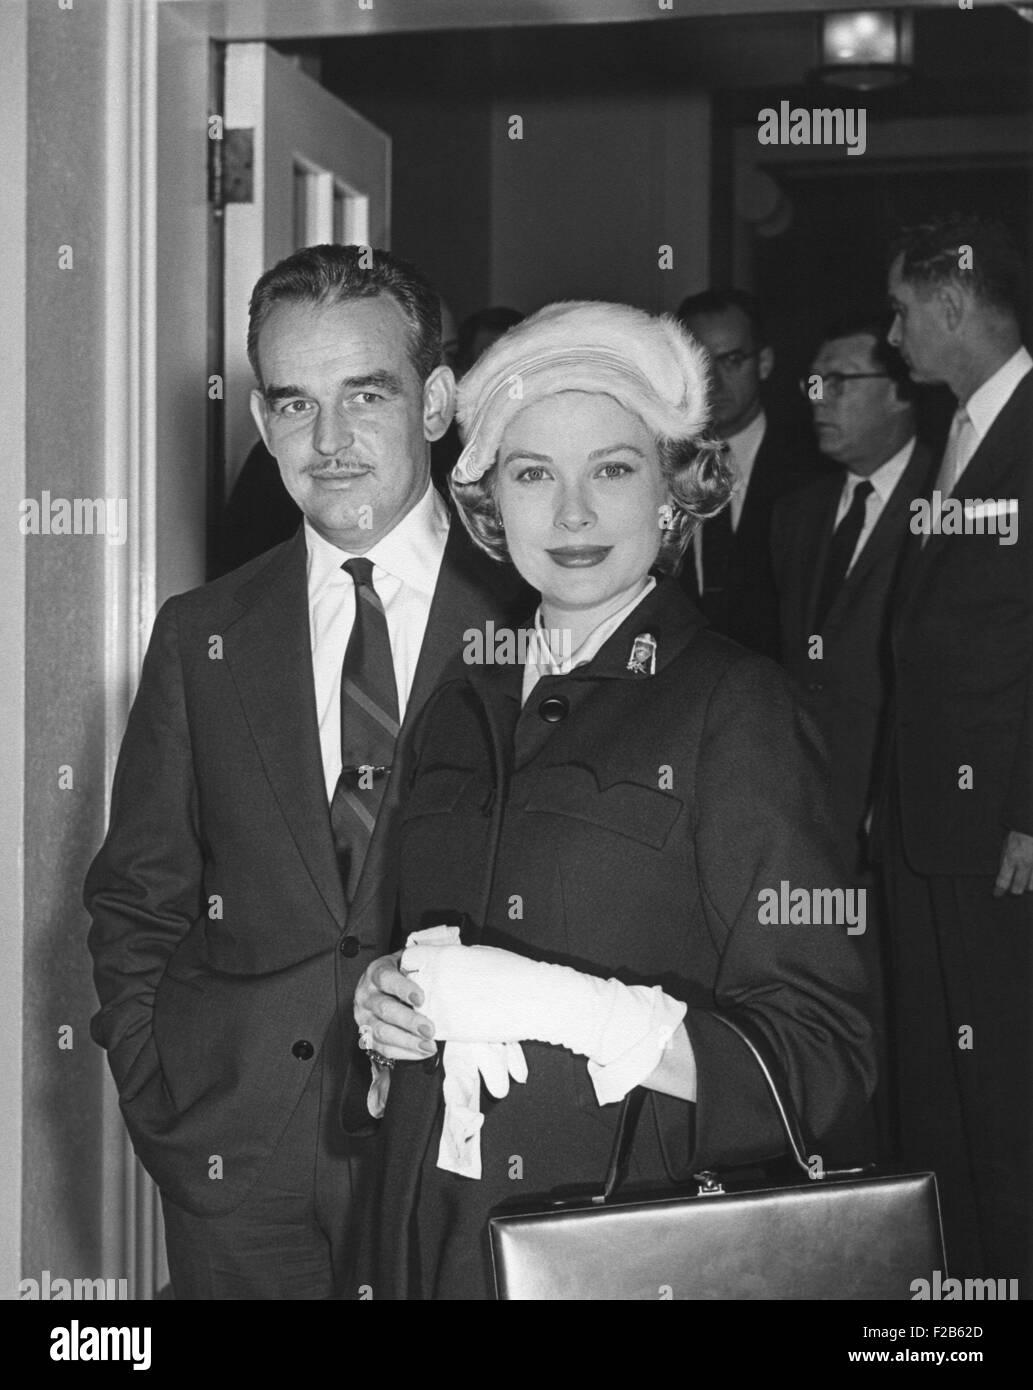 Rainer Prinz und Prinzessin Grace im Weißen Haus während ihres Besuches an Präsident Eisenhower. Stockbild